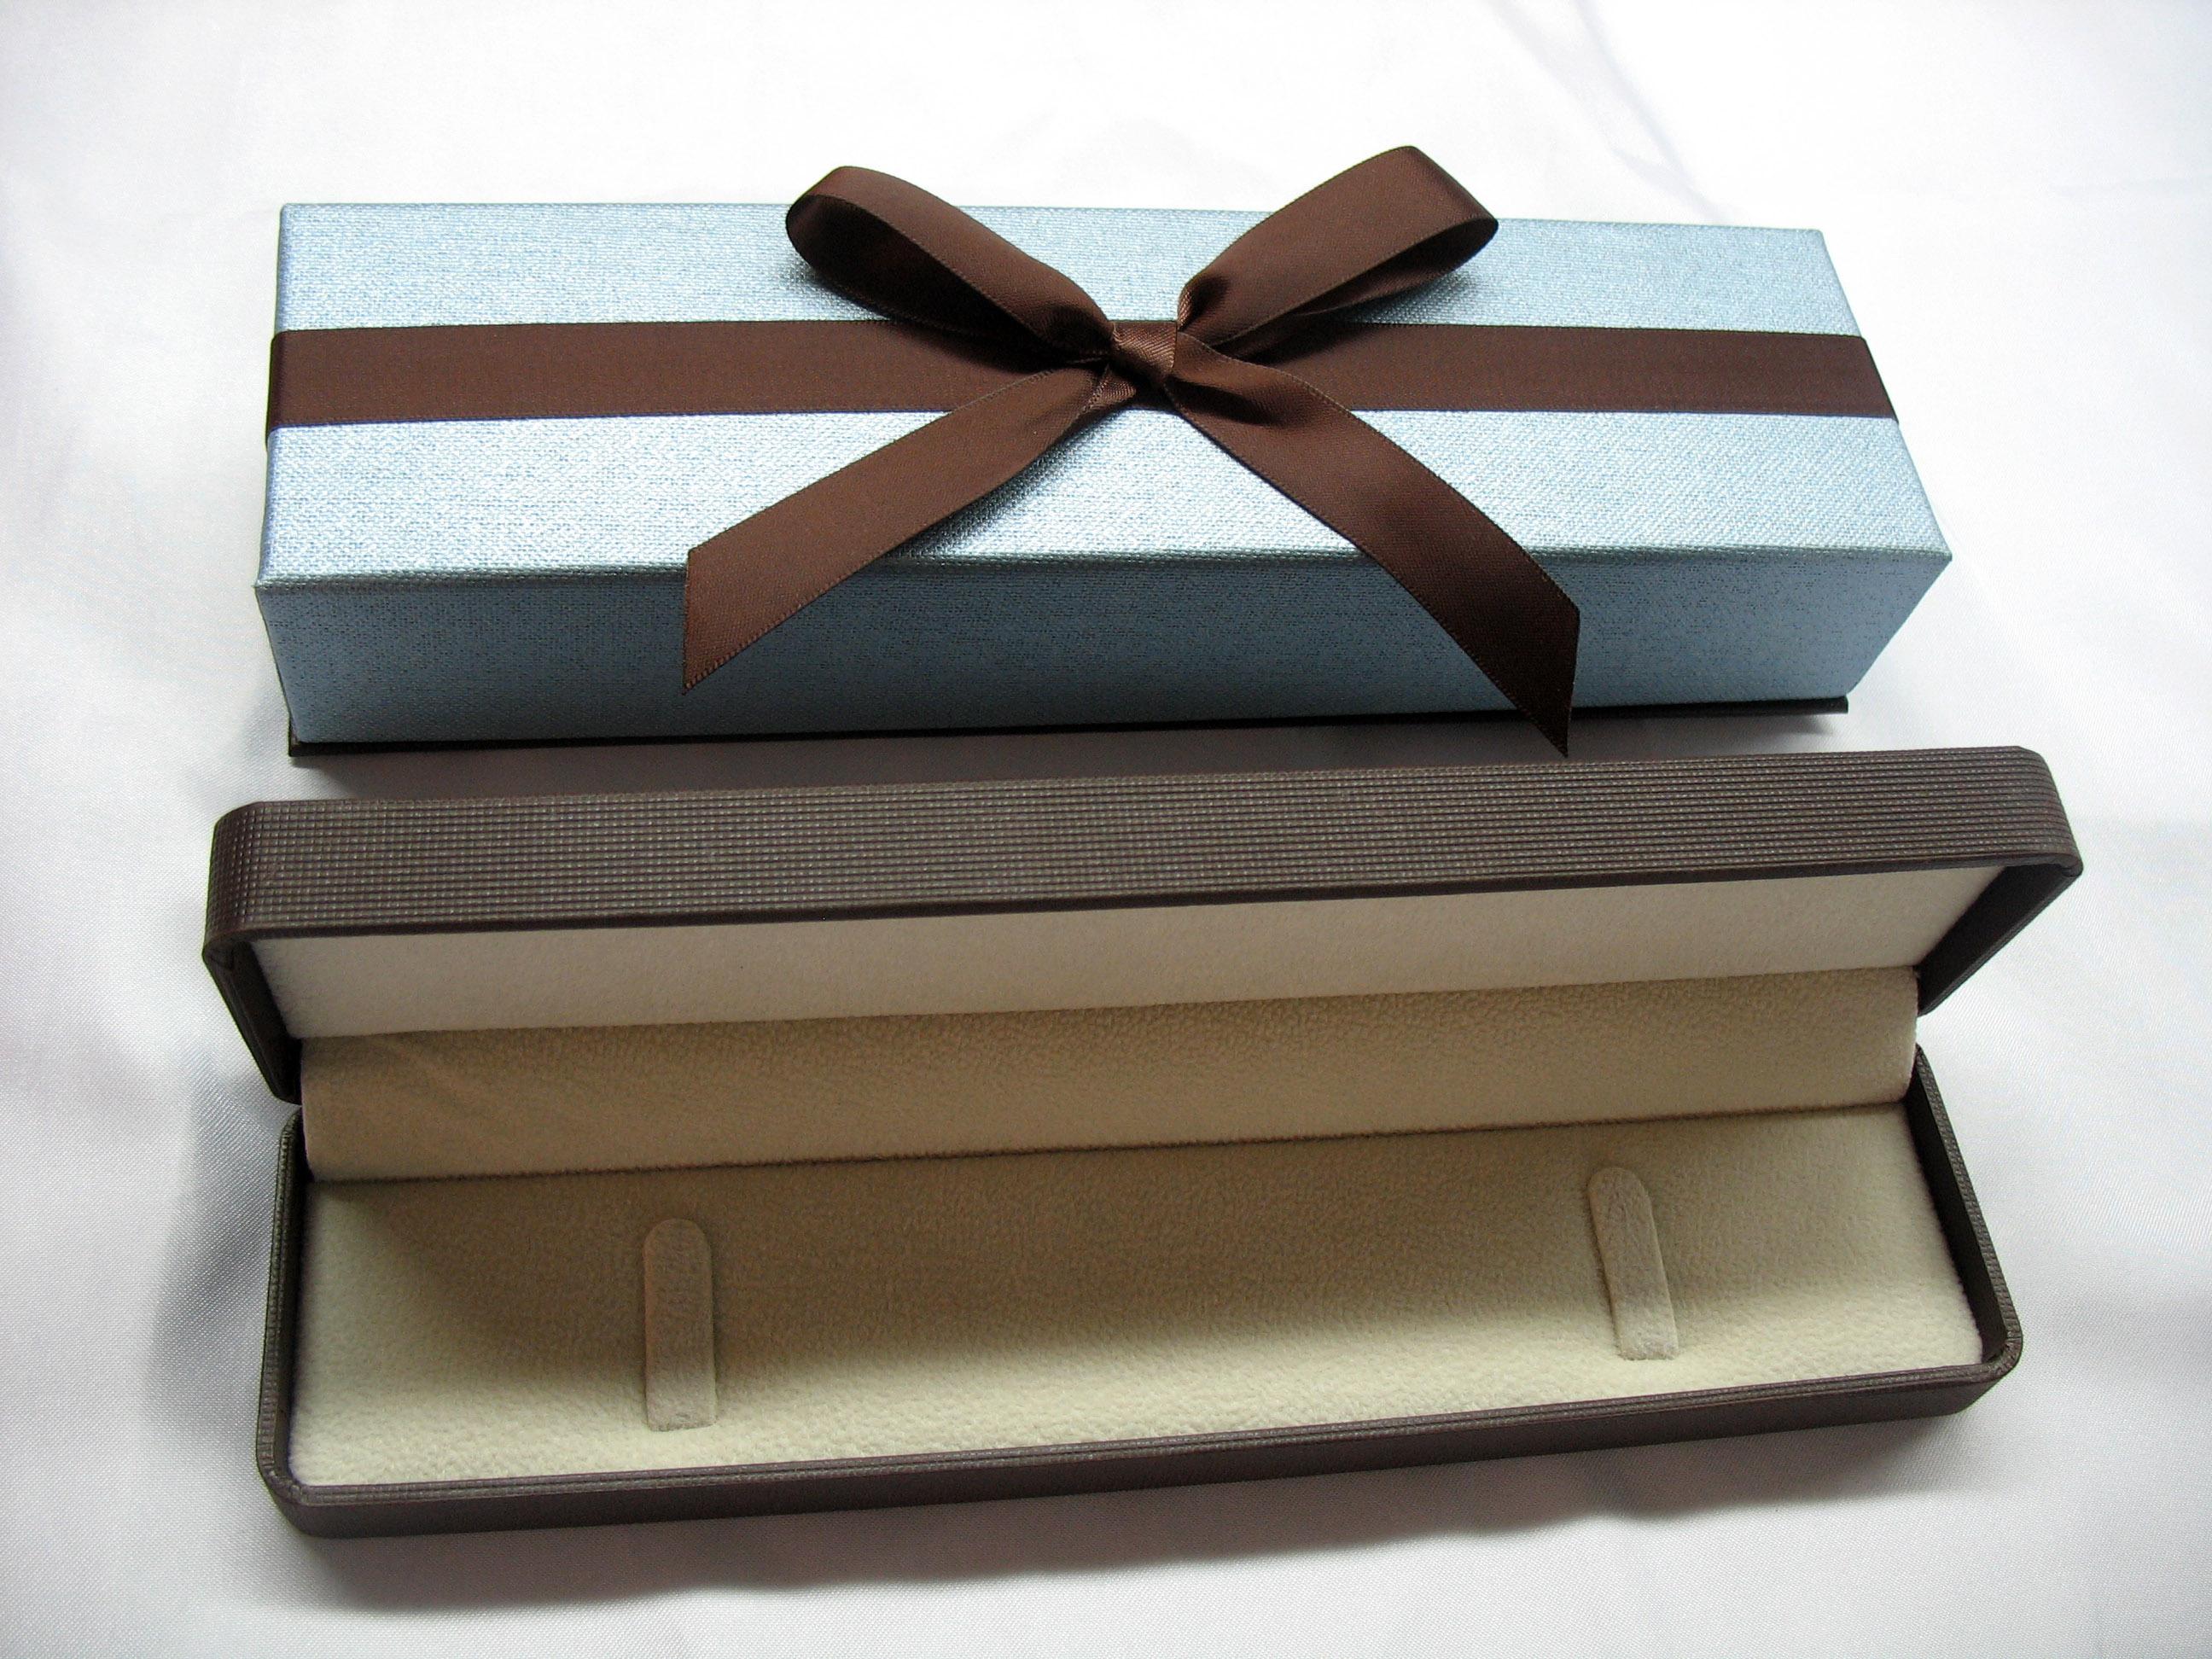 蝴蝶结手链盒-广东手链盒优质供应商-广东手链盒厂家定制-广东手链盒批发价格